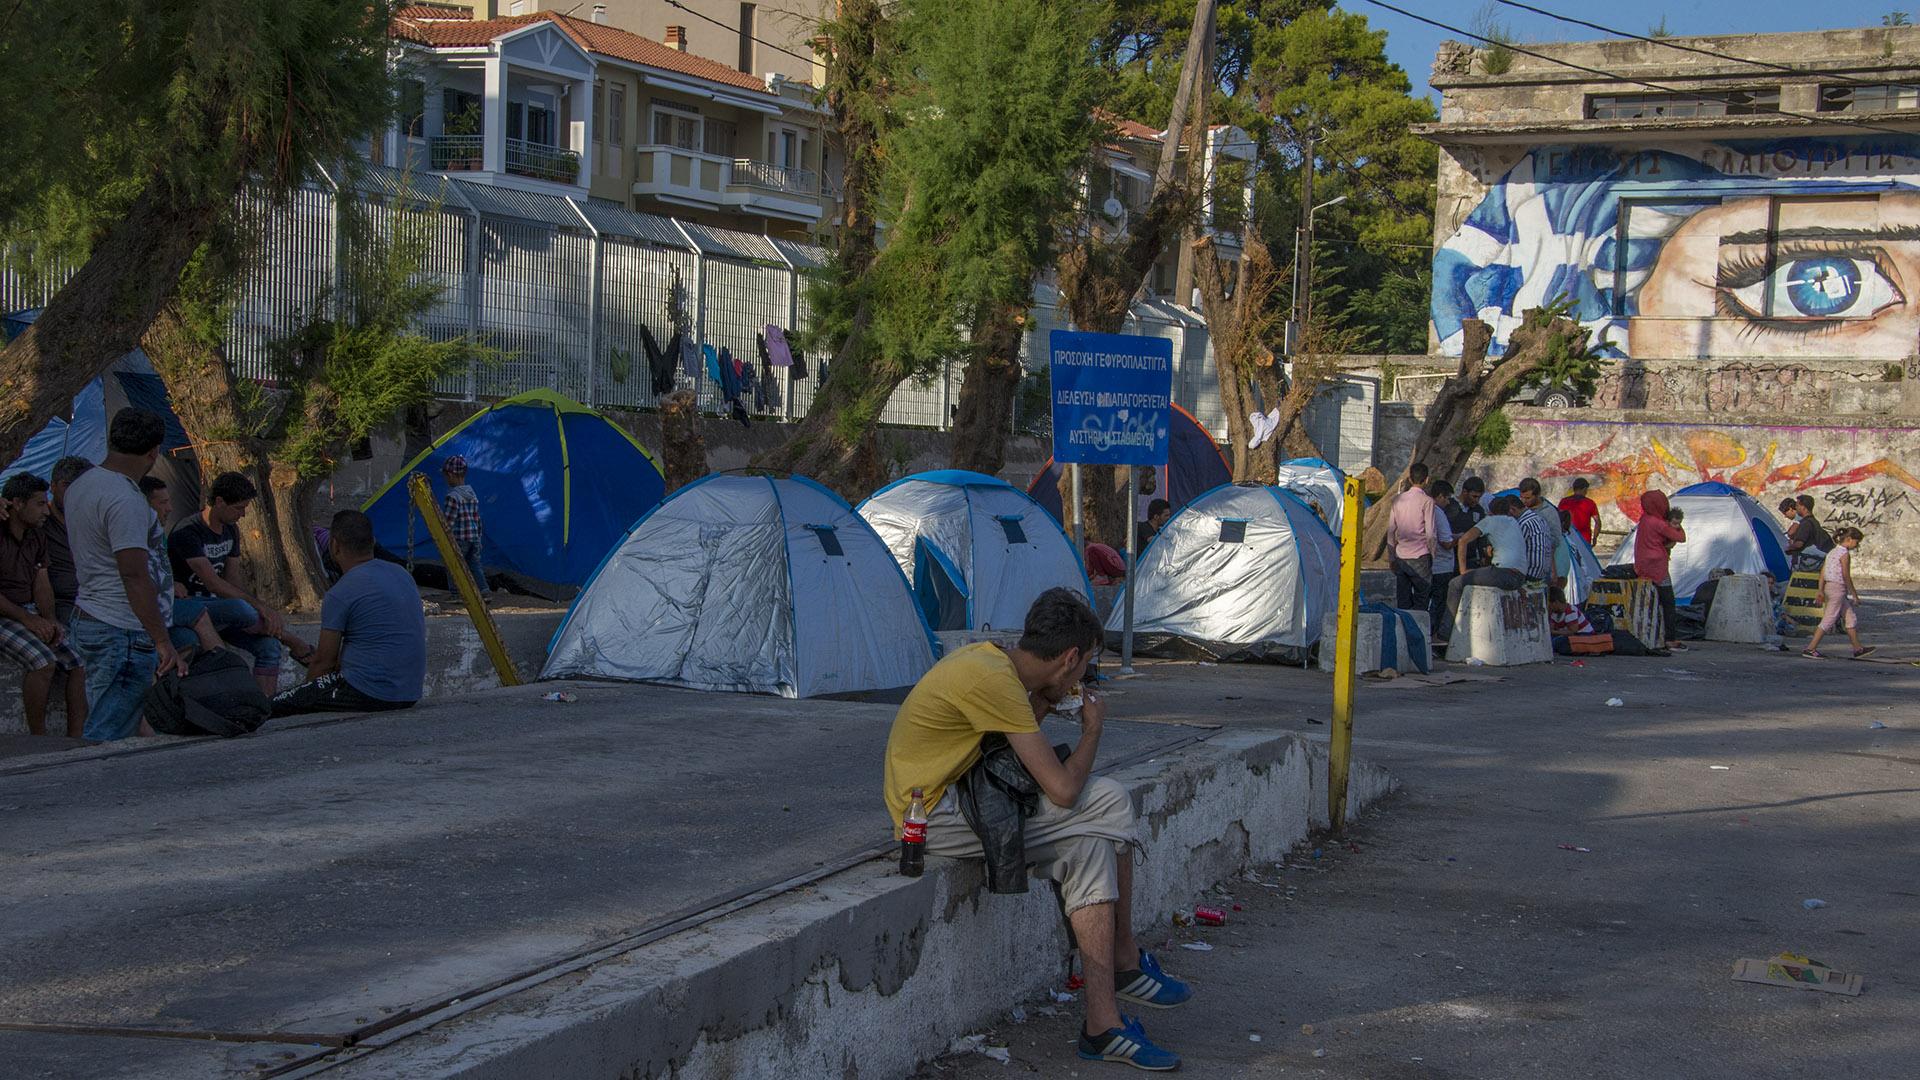 20150912 Lesbos 098